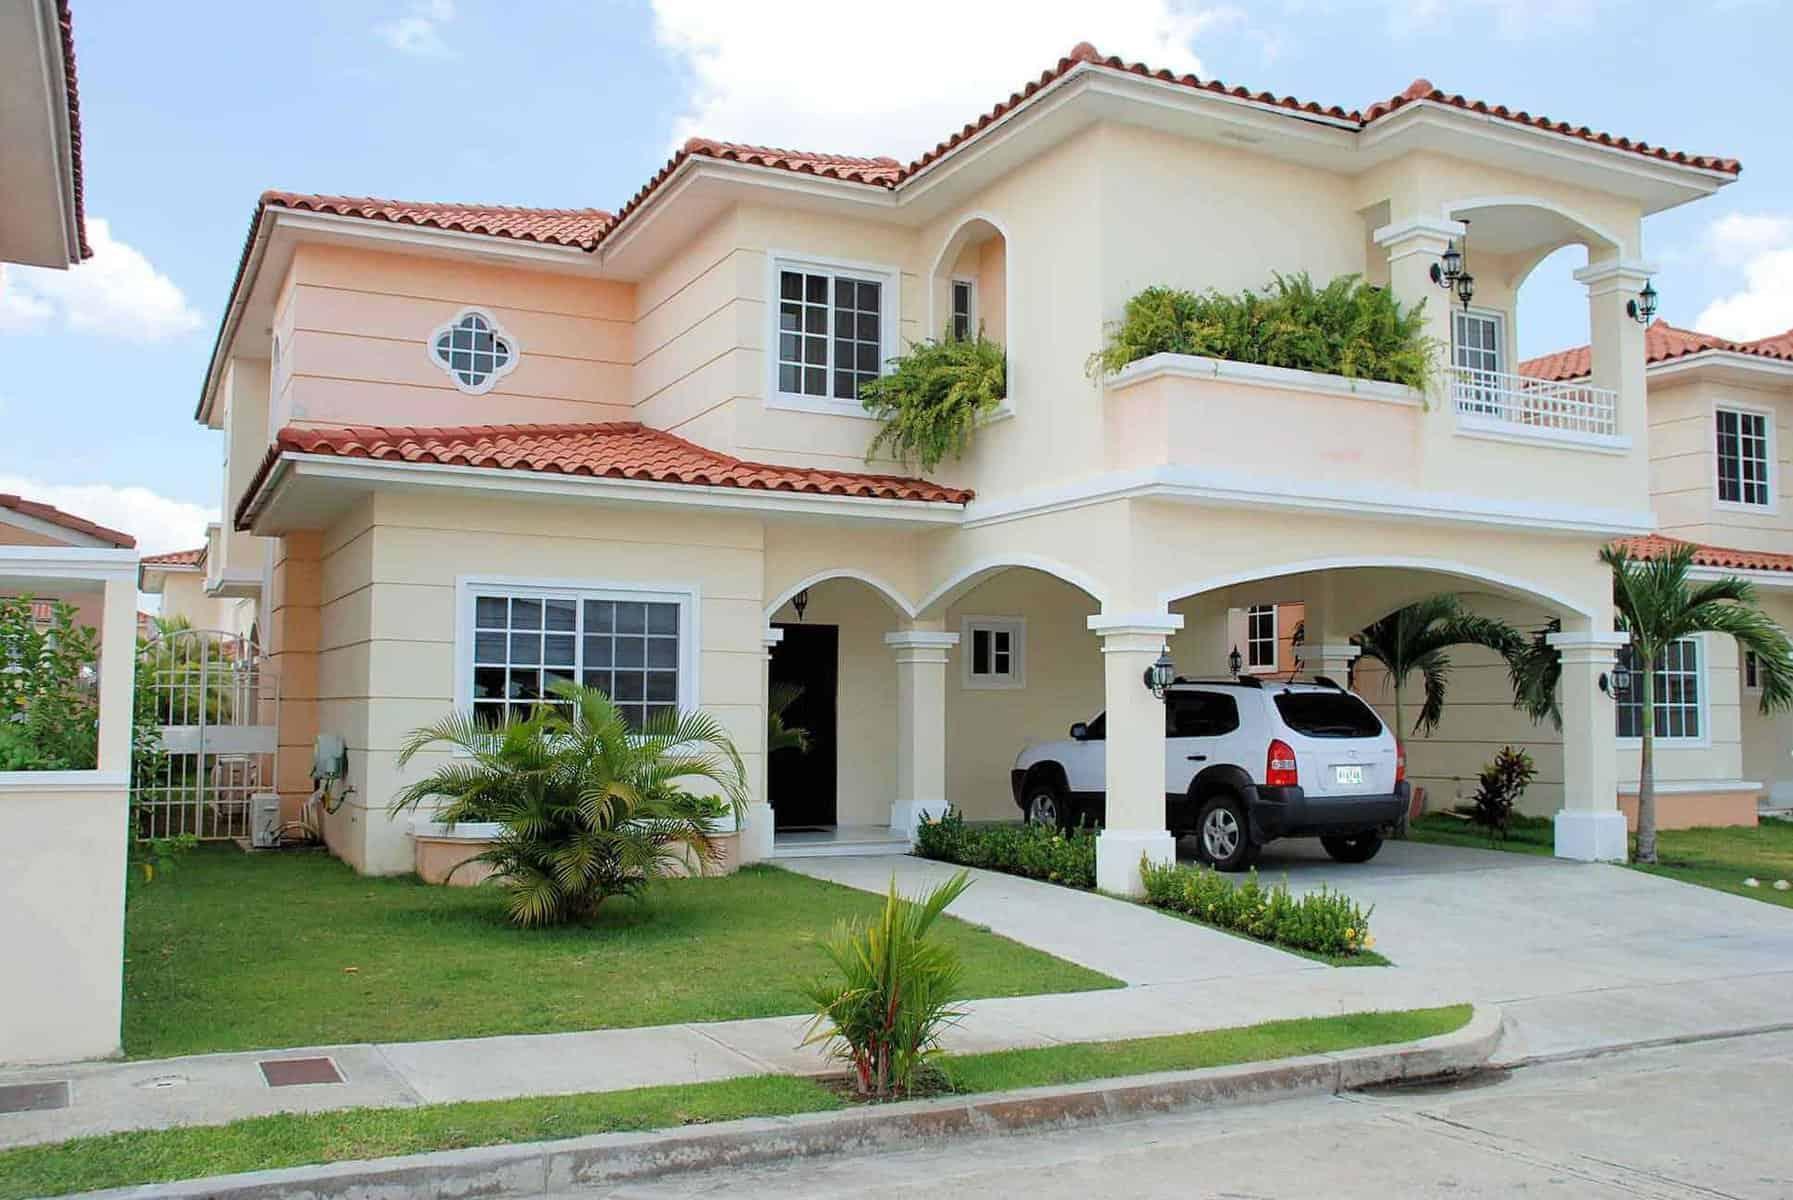 Alquiler de casas en panam casas panam for Casas de renta